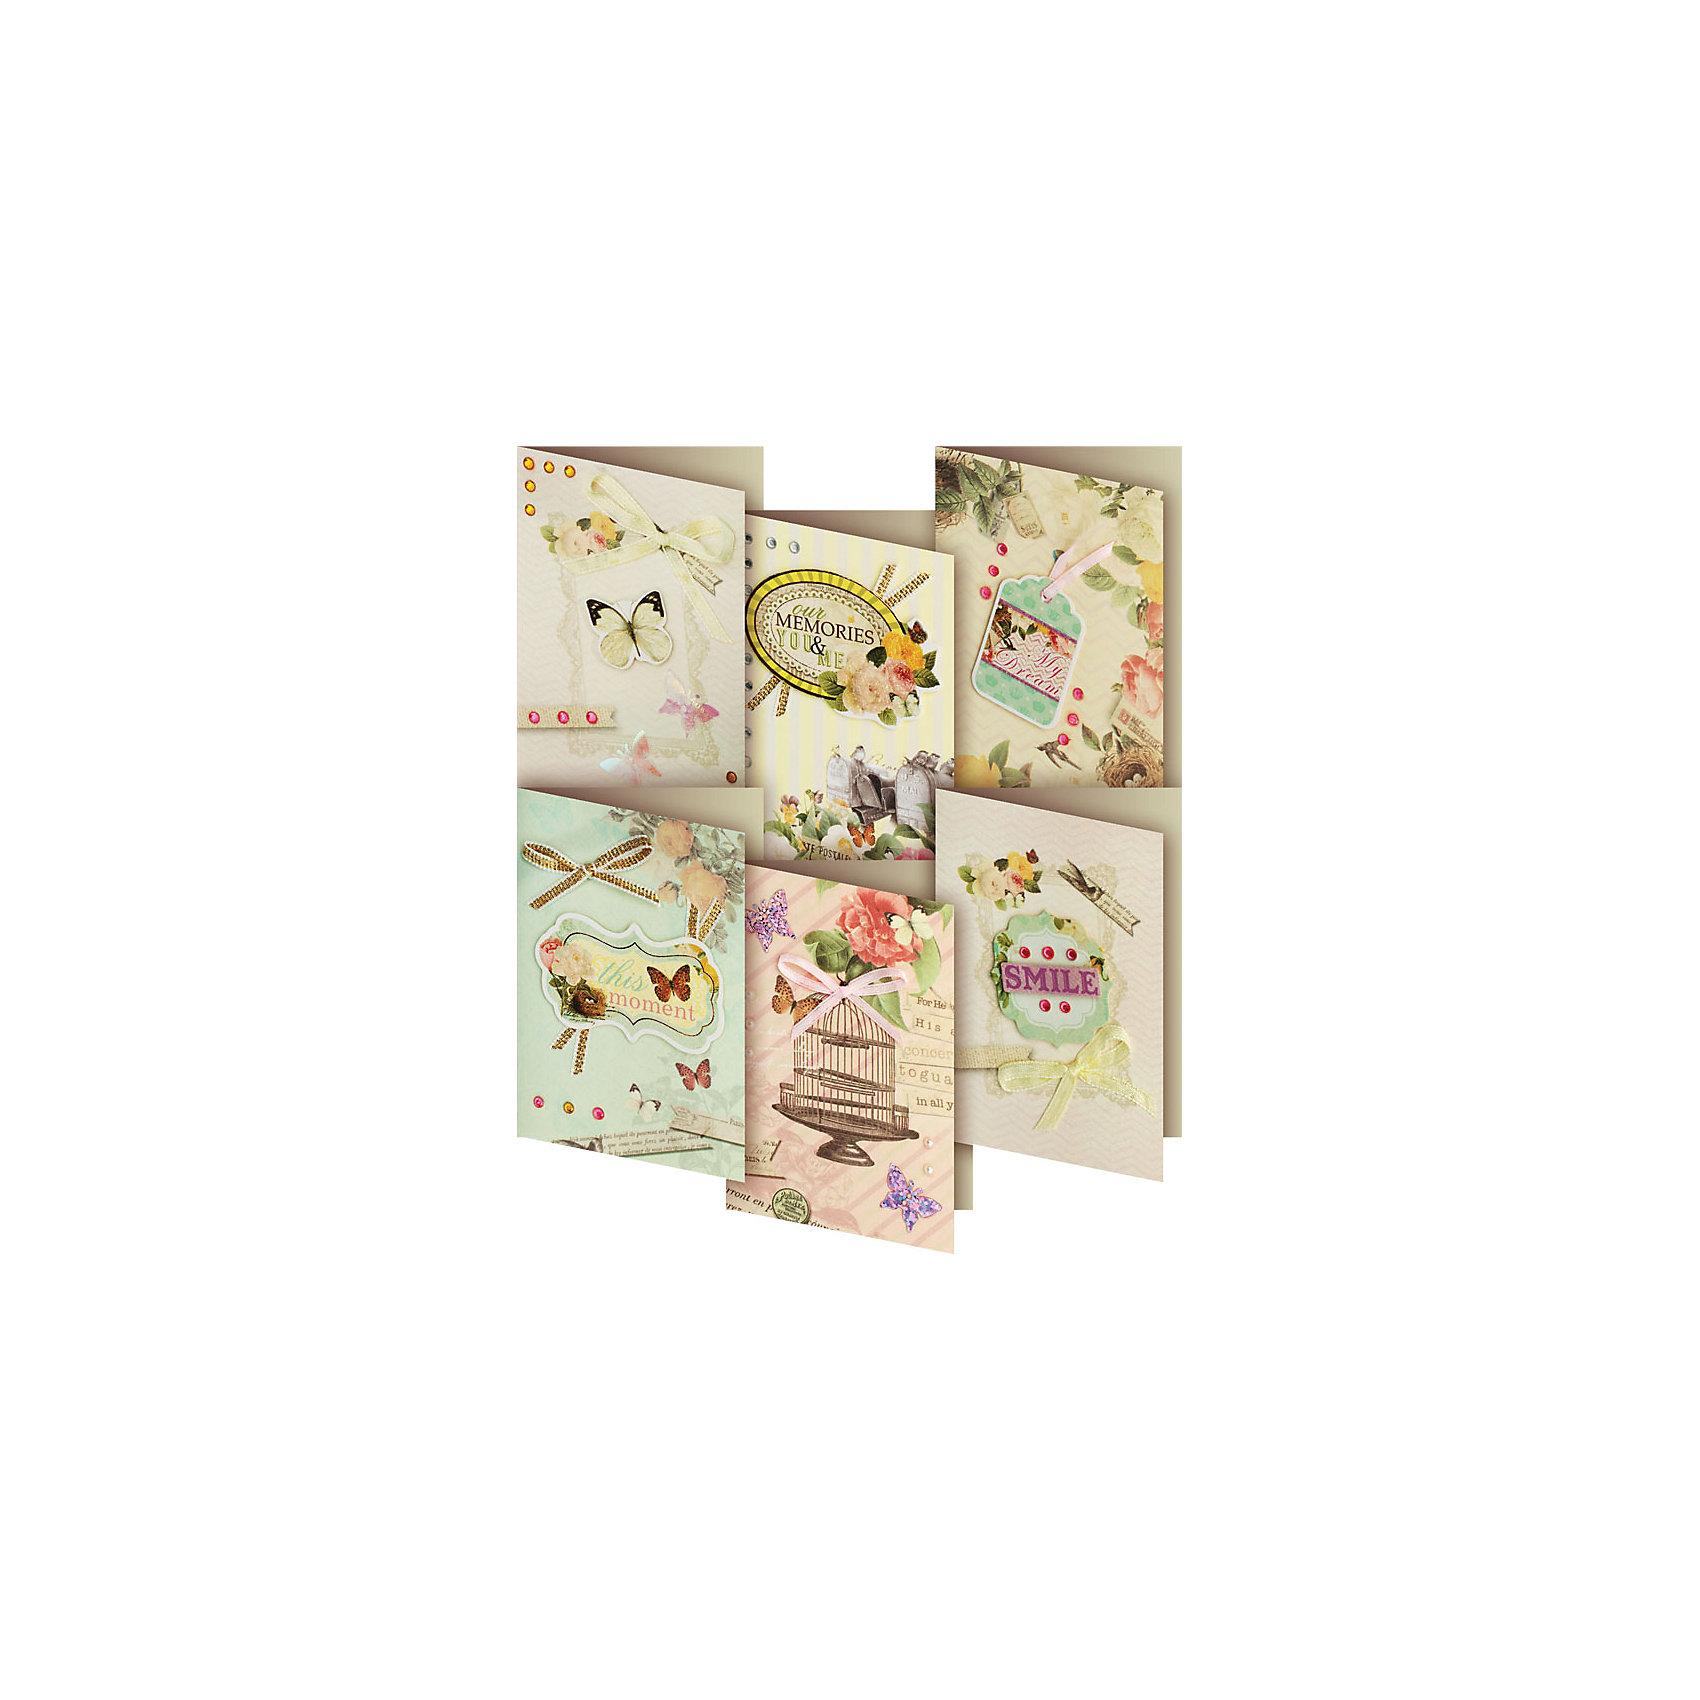 Скрапбукинг-набор для создания 6-ти мини открыток ПодарочныйСкрапбукинг-набор для создания 6-ти мини открыток Подарочный, Белоснежка.<br><br>Характеристики:<br><br>• содержит всё необходимое для создания открытки. <br>• в комплекте: 6 основ для открытки, 6 конвертов, картон, клеевые подушечки, ленты, вырубка из бумаги, пайетки, стразы<br>• размер: 6,5х9 см<br><br>Подарочный набор - прекрасный вариант для тех, кто любит создавать подарки своими руками. Набор состоит из шести заготовок для открыток и всех необходимых декоративных элементов. Пользуйтесь подсказками или используйте свою фантазию - результат непременно порадует вас!<br><br>Скрапбукинг-набор для создания 6-ти мини открыток Подарочный можно купить в нашем интернет-магазине.<br><br>Ширина мм: 270<br>Глубина мм: 150<br>Высота мм: 60<br>Вес г: 80<br>Возраст от месяцев: 72<br>Возраст до месяцев: 144<br>Пол: Женский<br>Возраст: Детский<br>SKU: 5089621